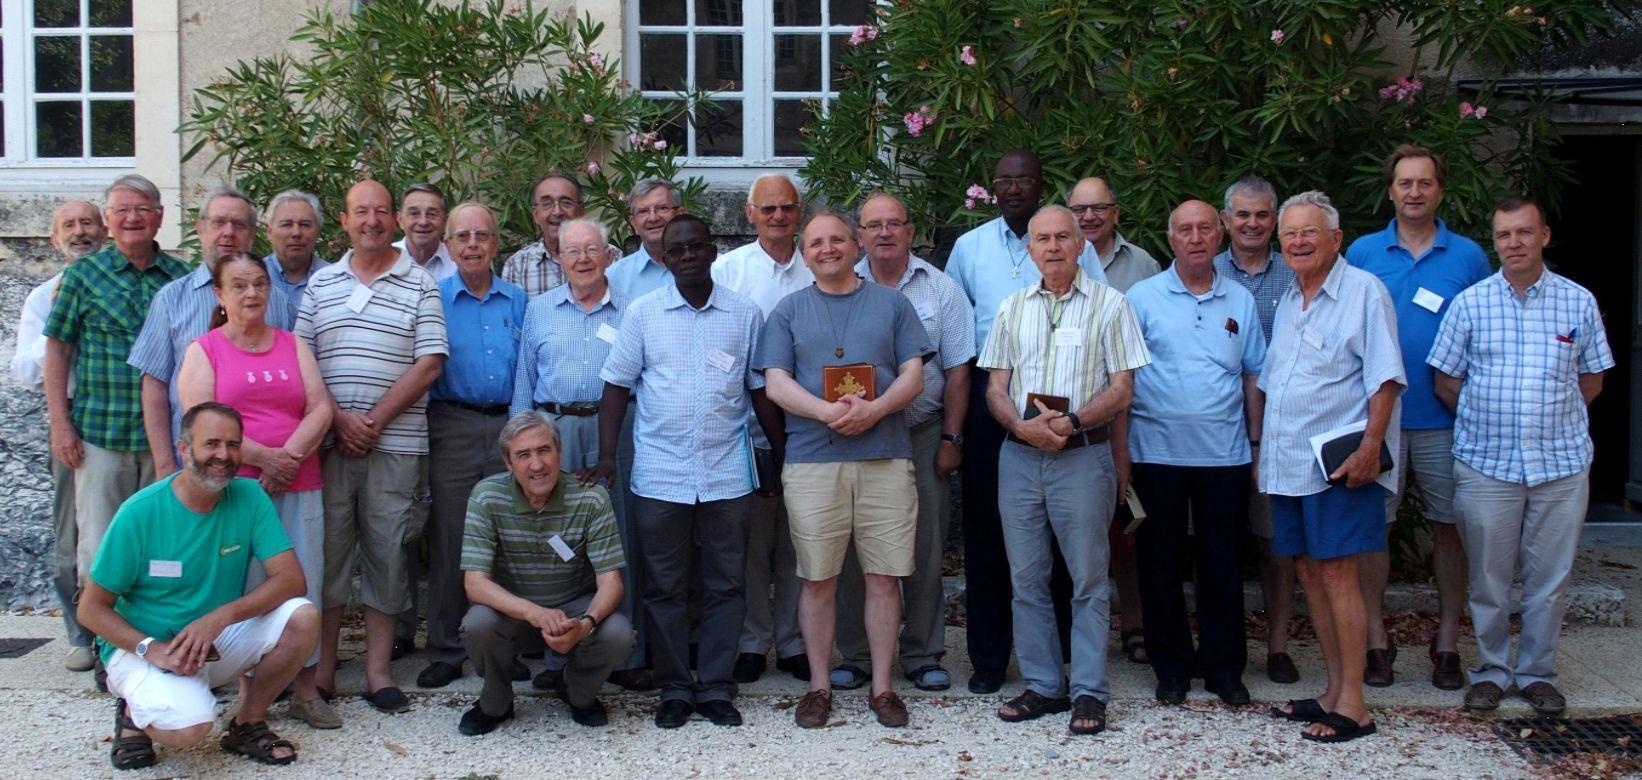 rencontrer l autre fraternité charles de foucauld d afrique